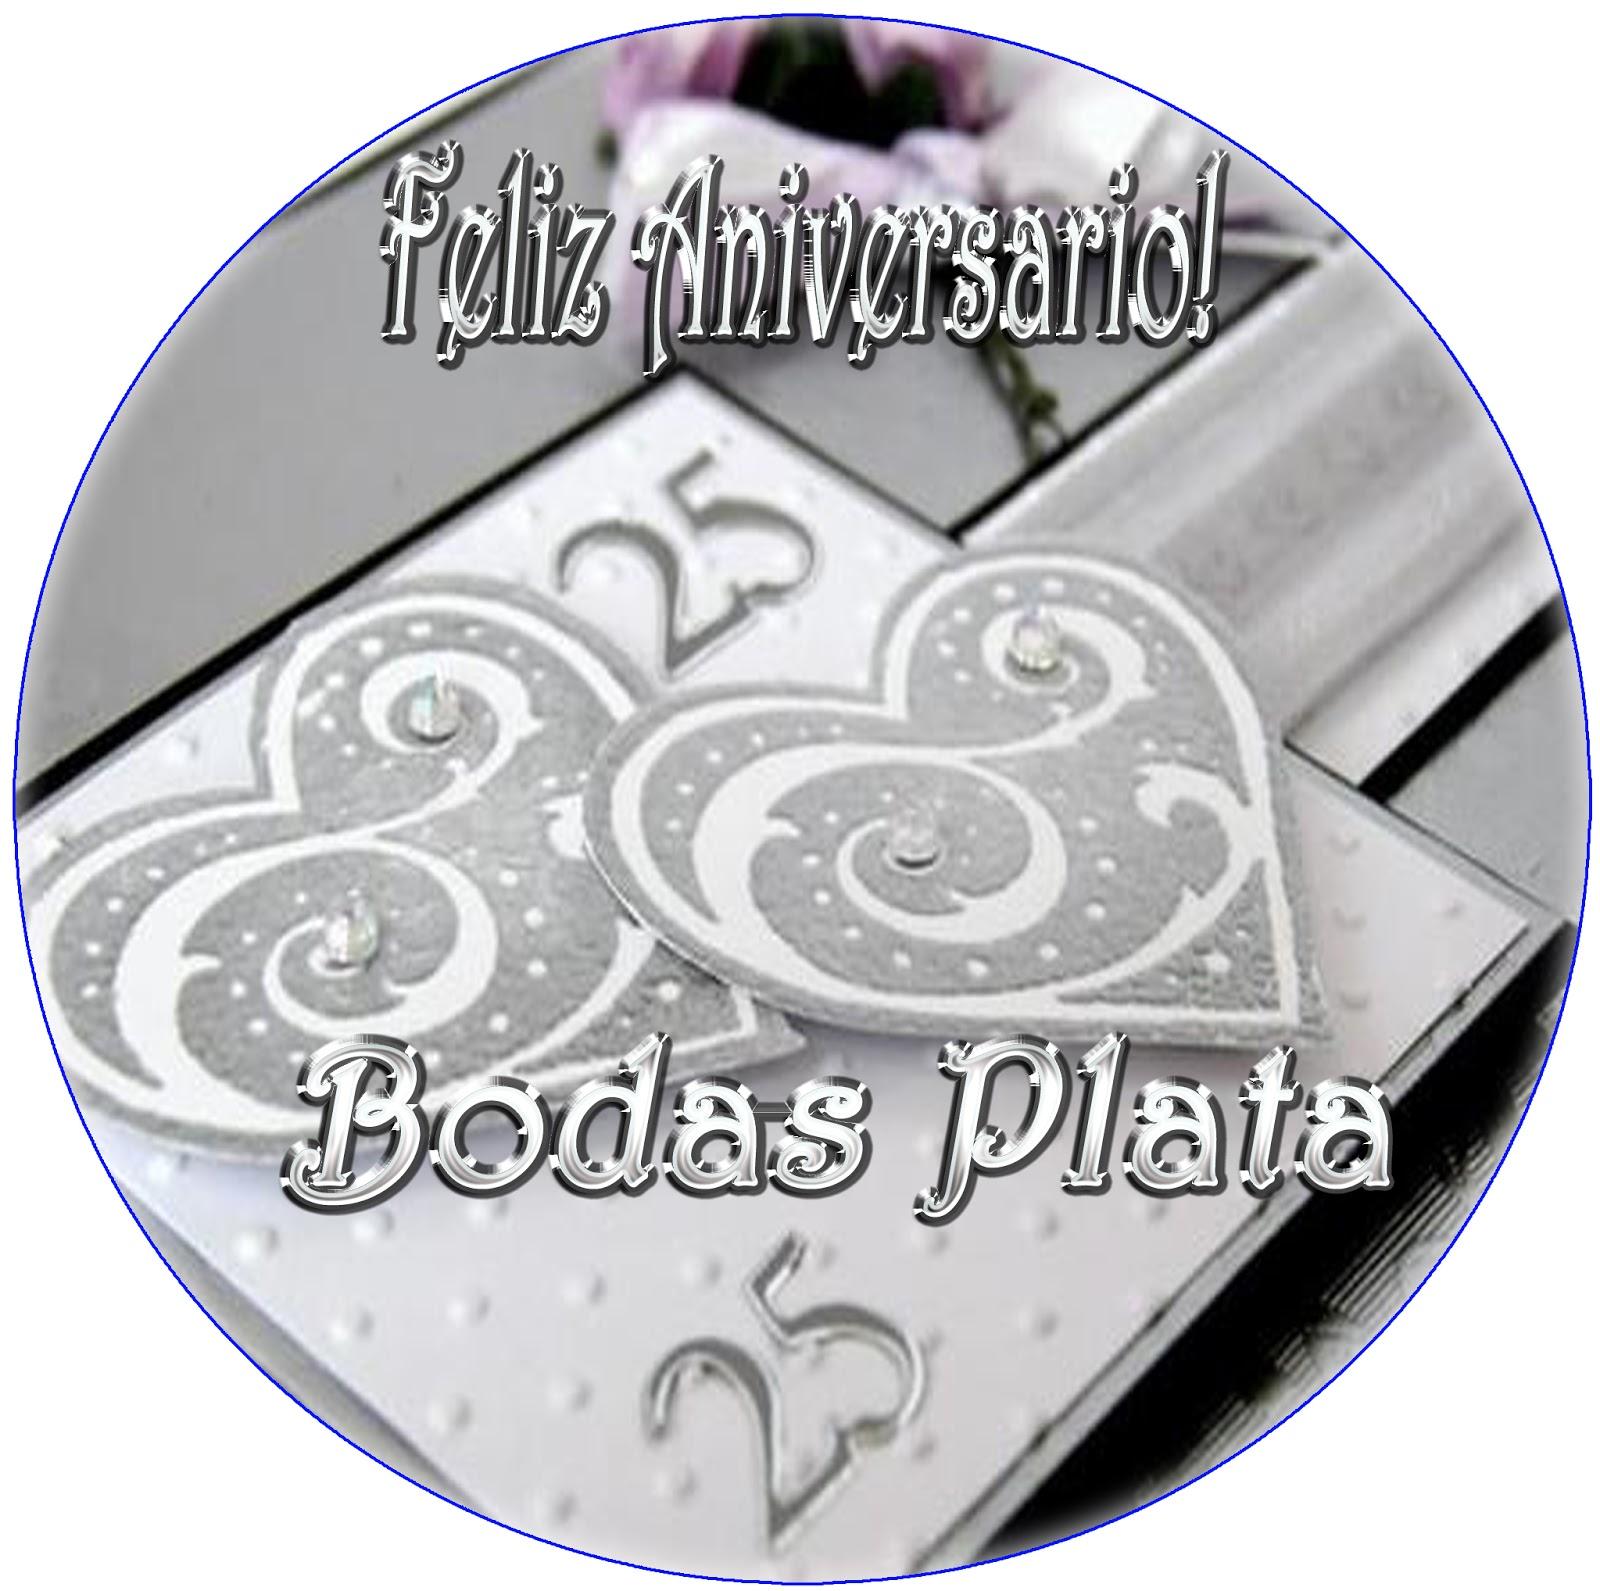 Tarjetas De Aniversario De Bodas 6 Años | Ka Studio